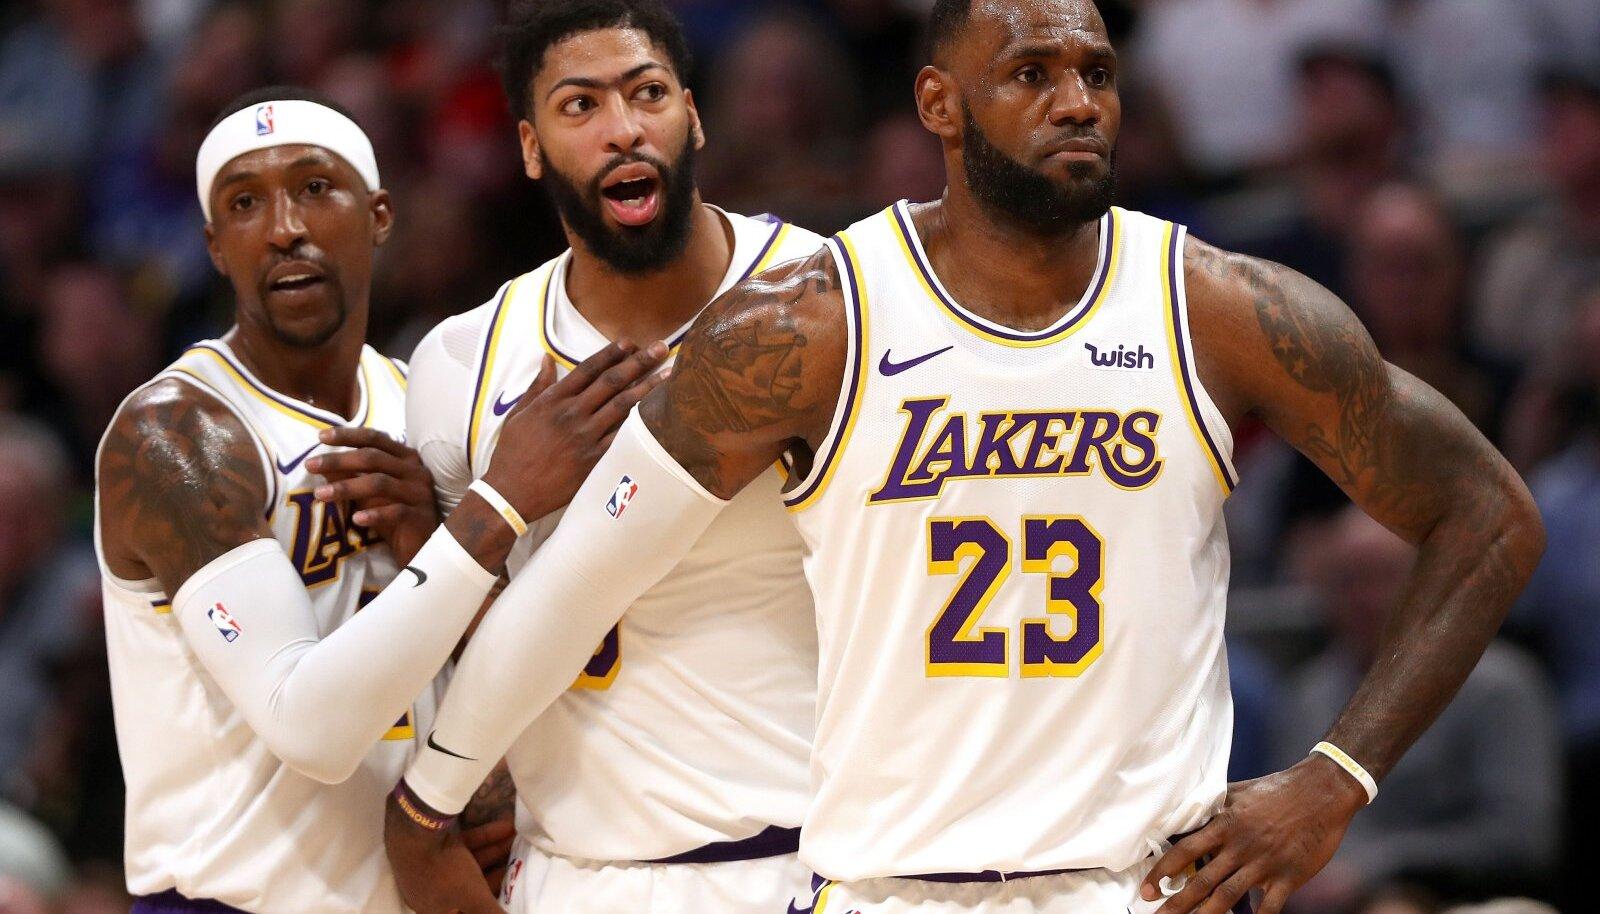 Lakersi mängumehed Kentavious Caldwell-Pope, Anthony Davis ja LeBron James